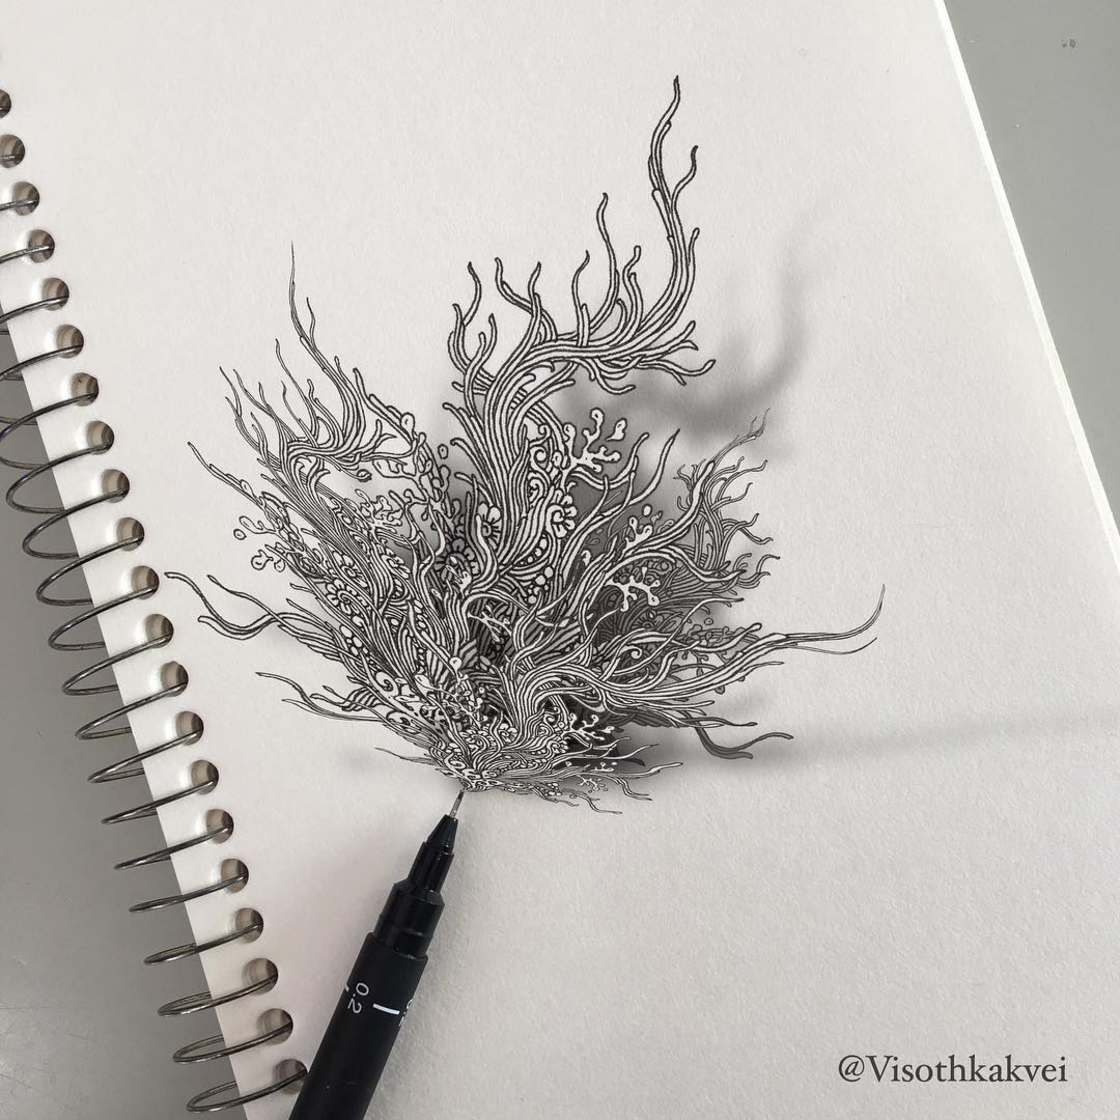 Les superbes doodles augmentes de Visothkakvei